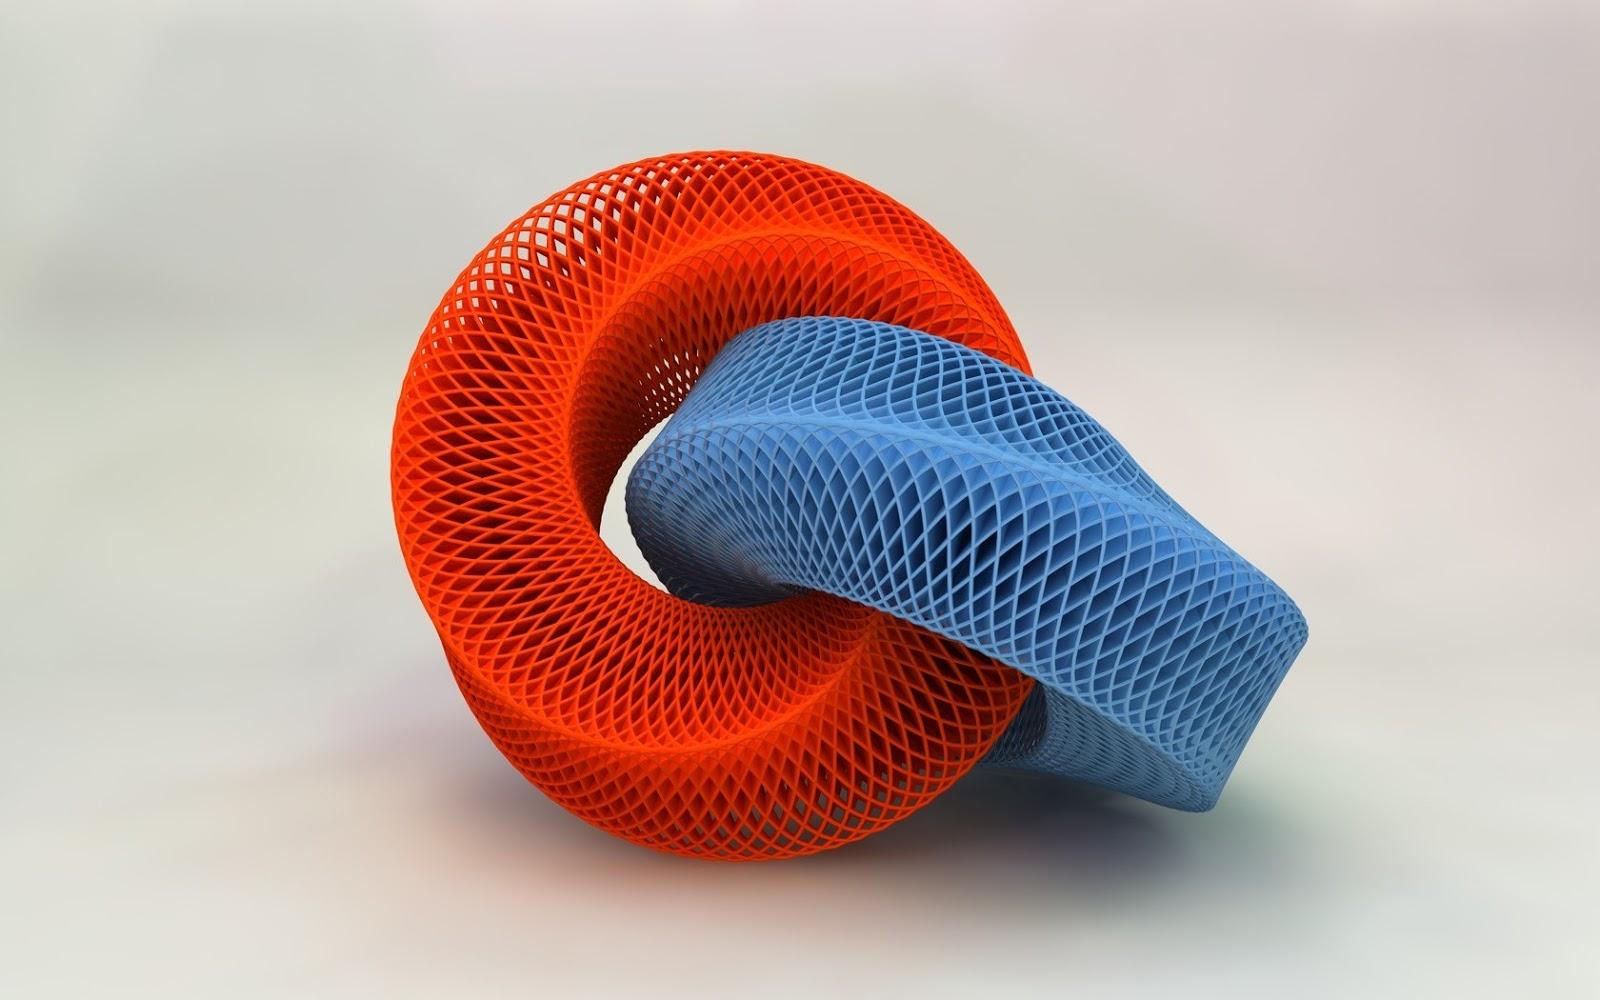 3D Wallpapers#12